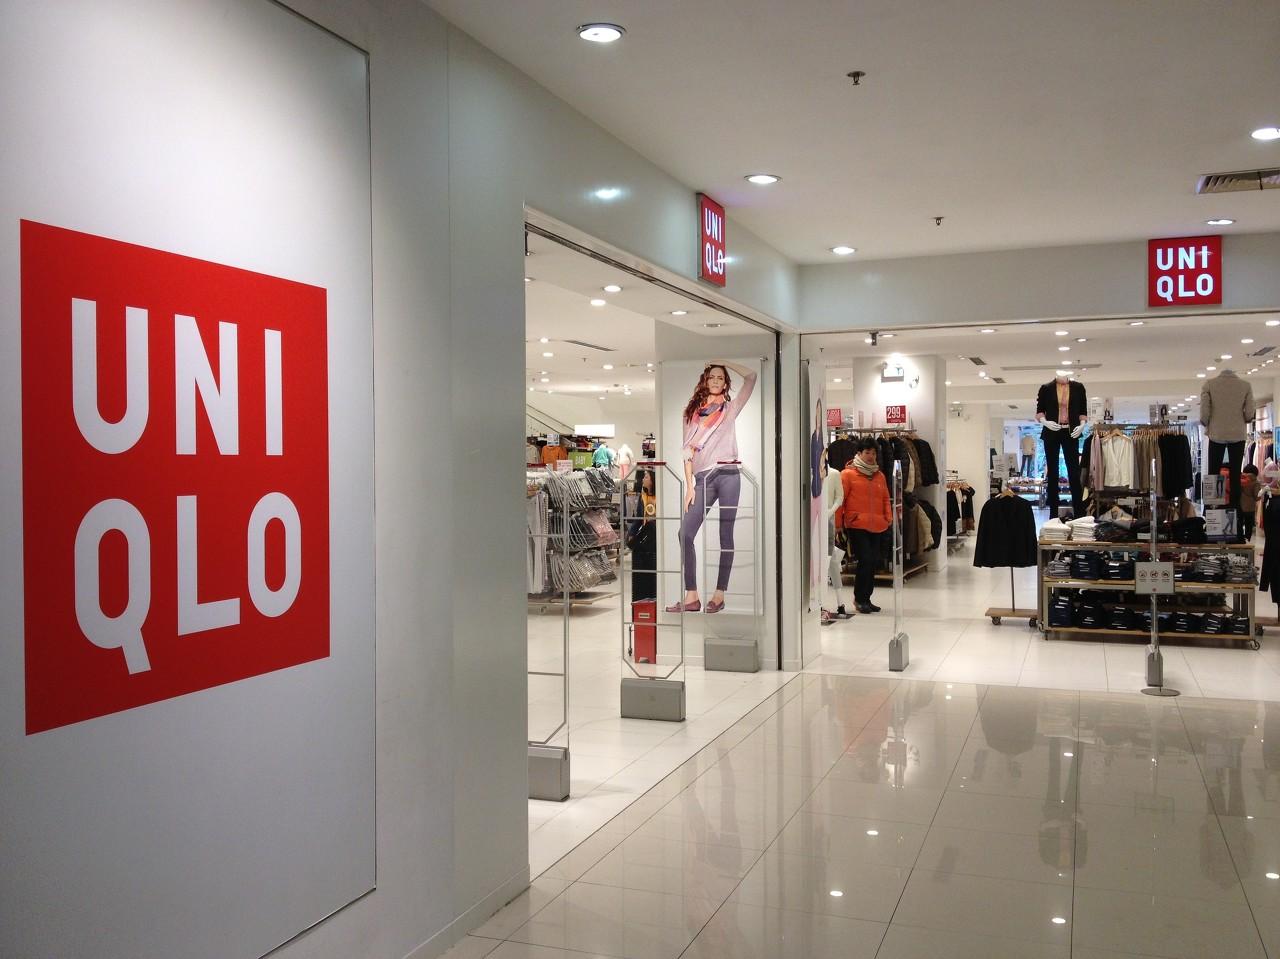 半年少卖3.4亿元,优衣库全球收入下滑,大中华区贡献加大.商业评论